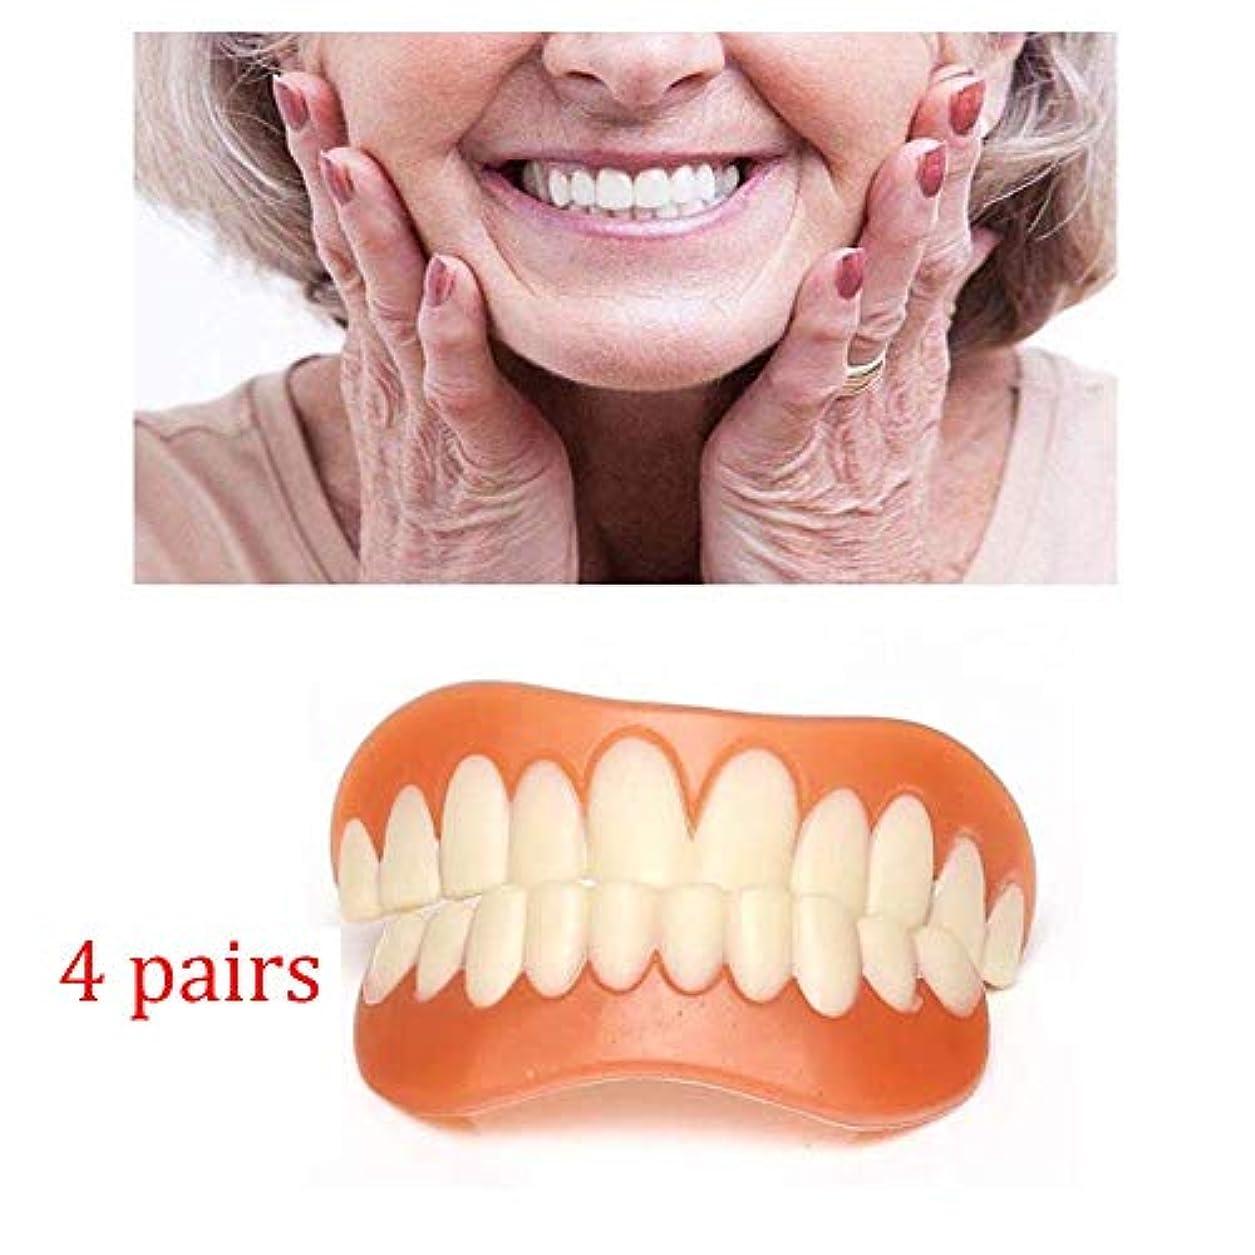 パックスリンク明示的にインスタント笑顔歯4対上下の白い歯の列セット義歯セットベニヤフレックス義歯パーフェクトフィットペーストツール